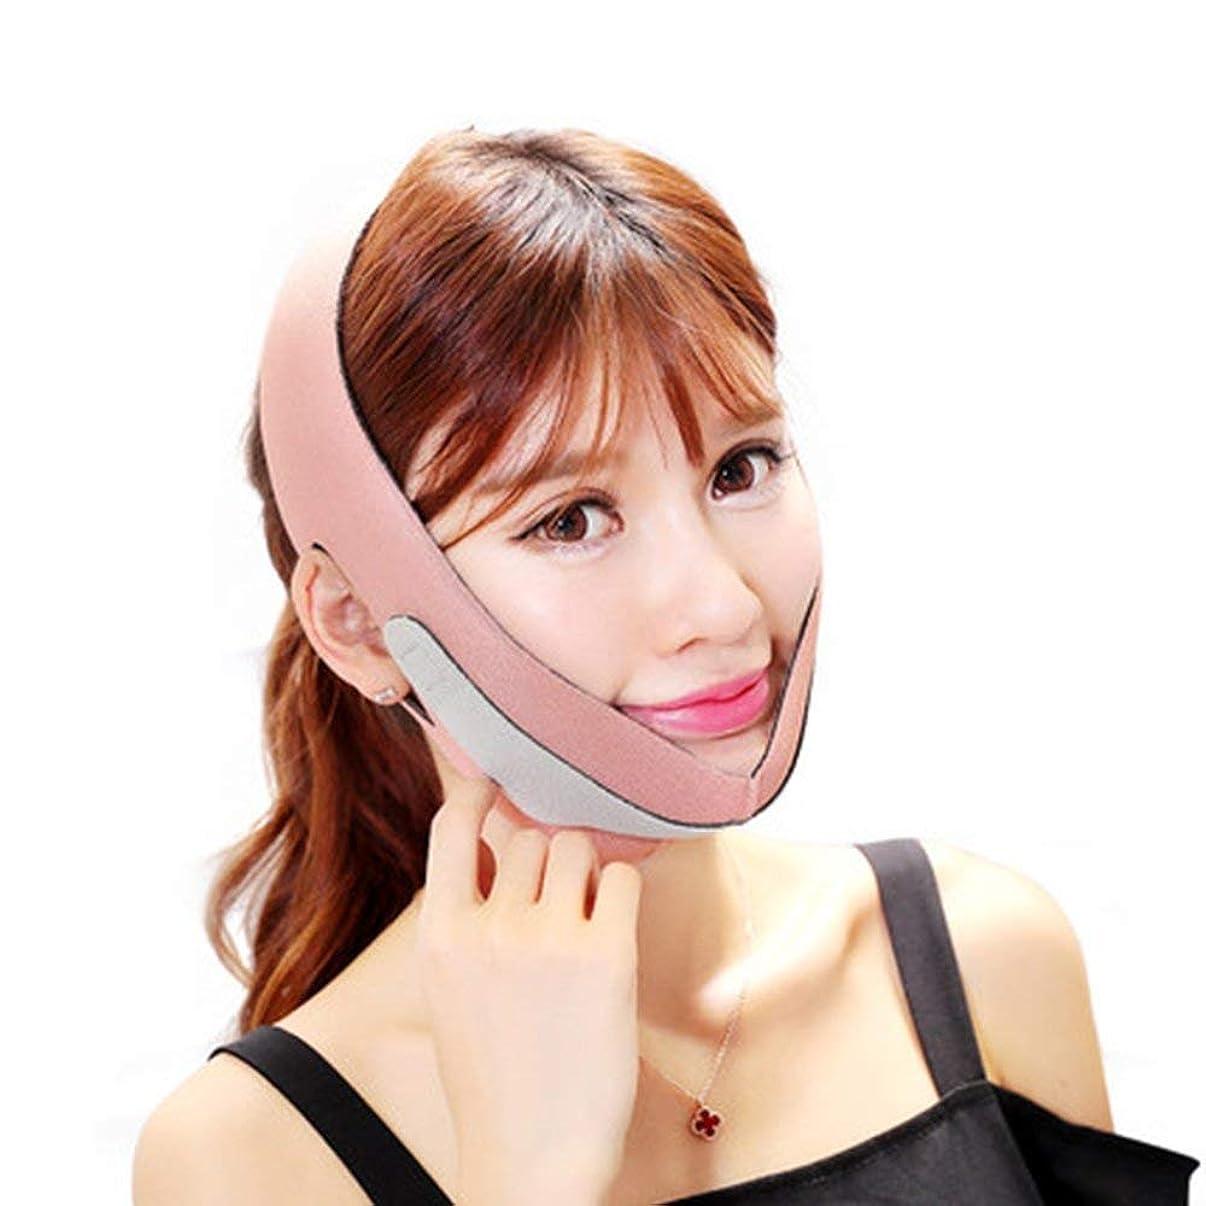 眠いです常習者手当IBAOBAO 寝ながら 小顔矯正?フェイス マスク ベルト 男女兼用 美顔器 美容グッズ リフトアップ ベルト 引き上げ 小顔 マスク 2点セット